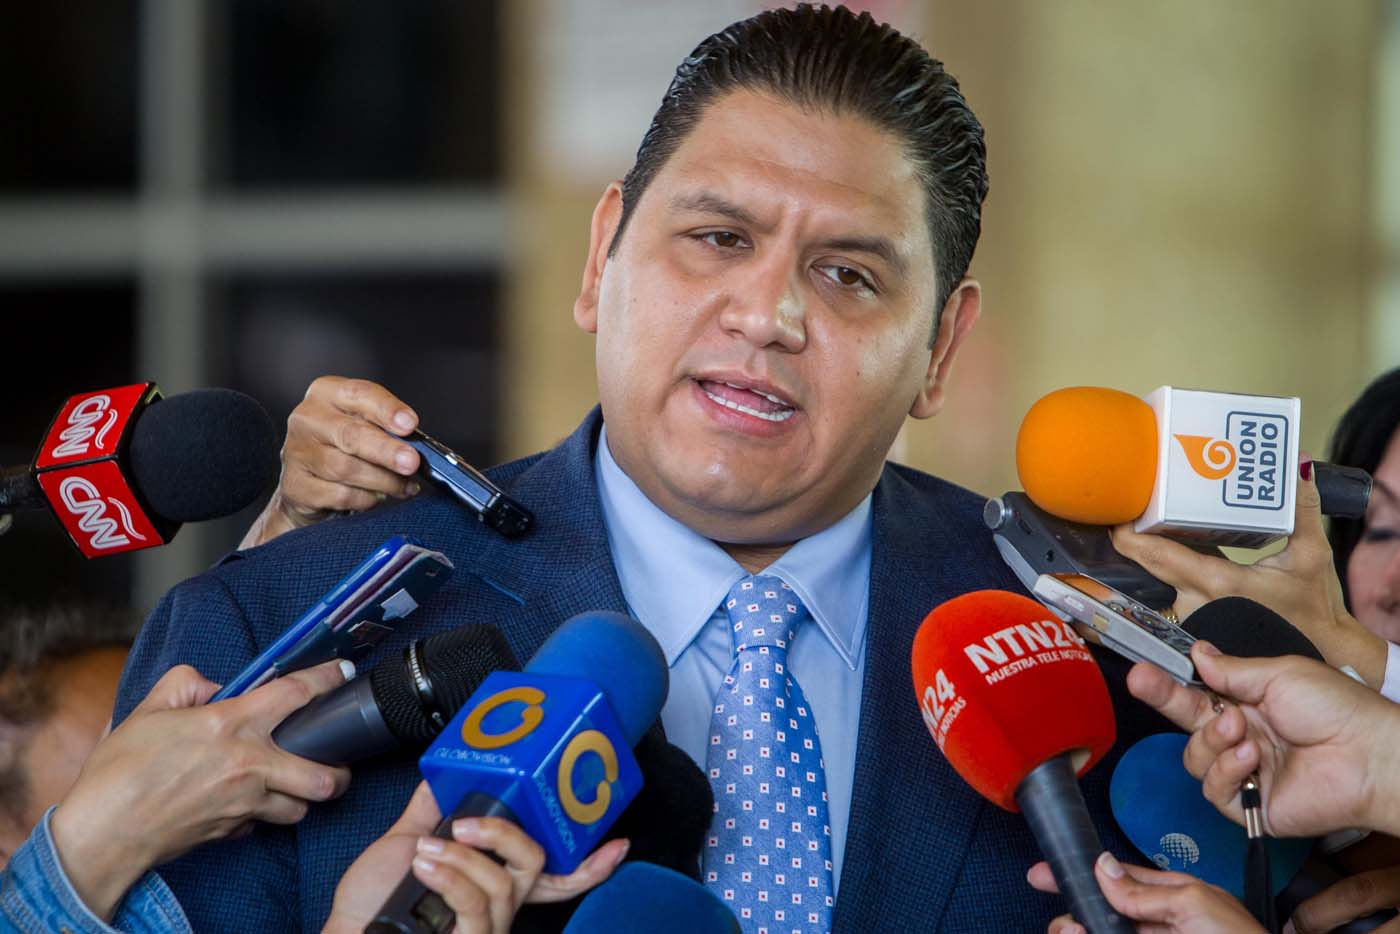 """BOG600.- BOGOTÁ (COLOMBIA), 3/05/2017.- Fotografía del 2 de agosto de 2016 del rector del Consejo Nacional Electoral (CNE) de Venezuela Luis Emilio Rondón, ofrece declaraciones a periodistas, en Caracas, Venezuela. Rondón, único de los cinco de este órgano afín a la oposición, dijo hoy, miércoles 3 de mayo de 2017, que hay una """"posible amenaza"""" al sistema democrático con la Constituyente y señaló que la iniciativa y la convocatoria del proceso no deben confundirse. EFE/ARCHIVO/MIGUEL GUTIÉRREZ"""